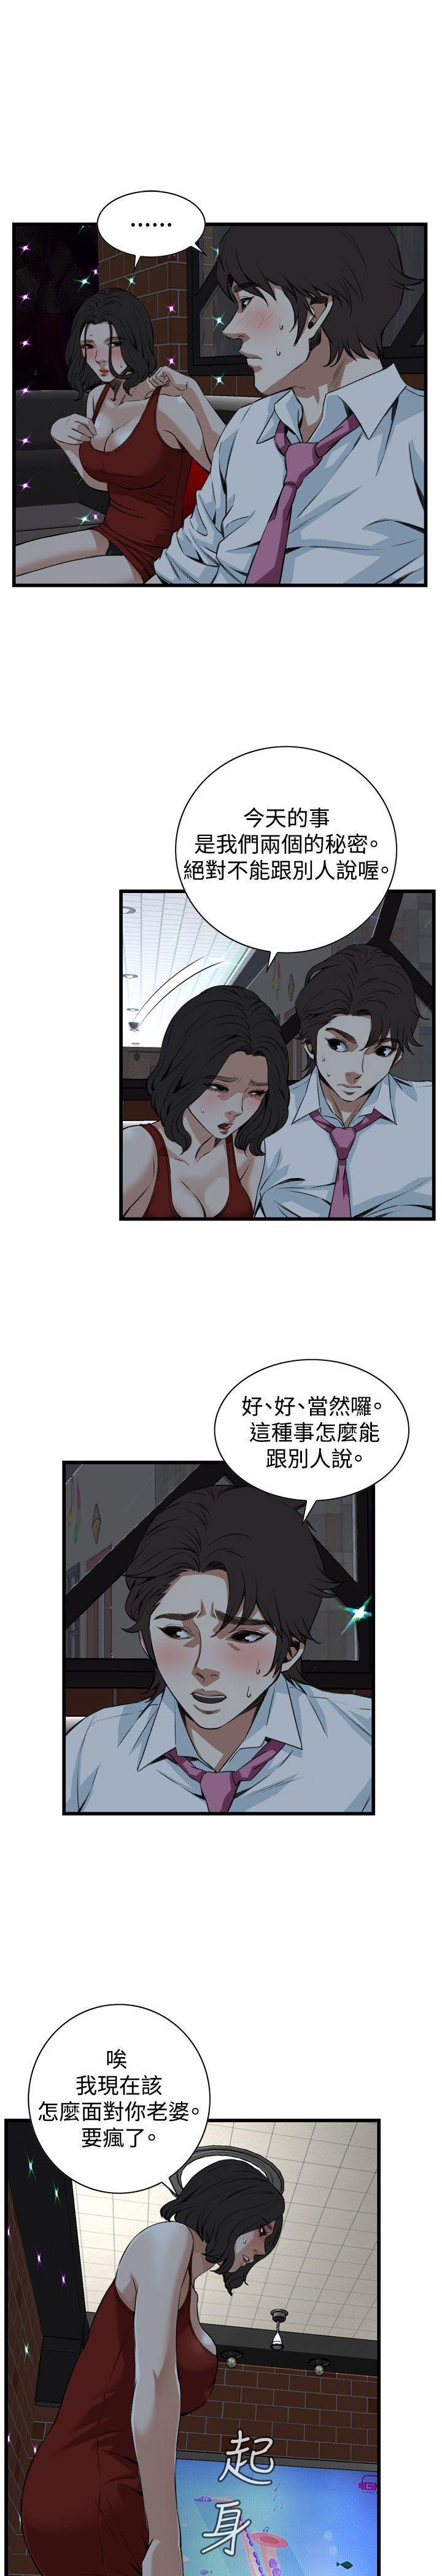 偷窥72-93 Chinese Rsiky 68